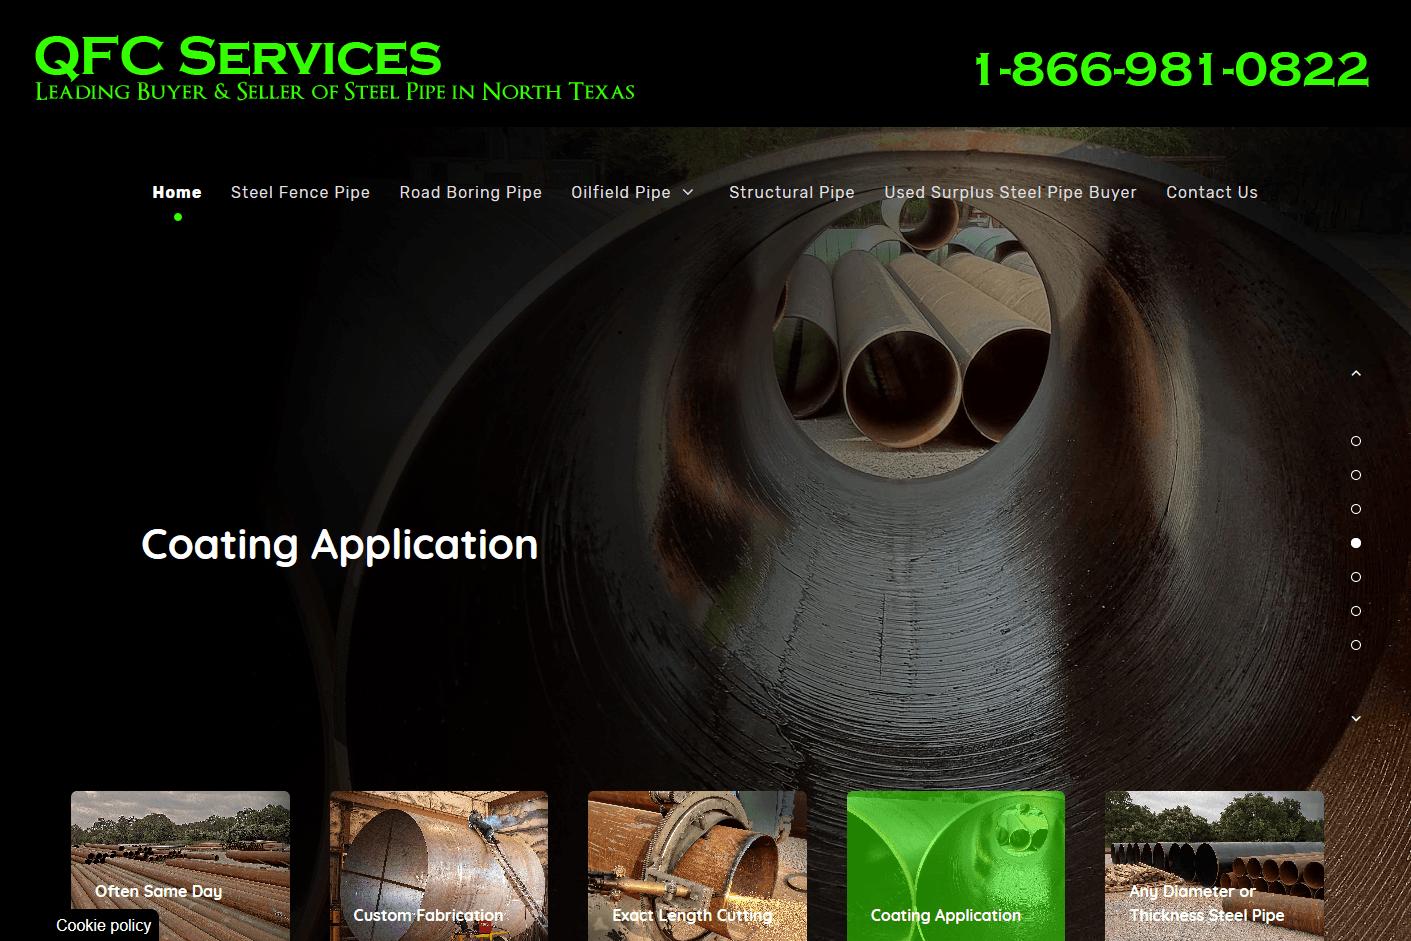 QFC Services Website